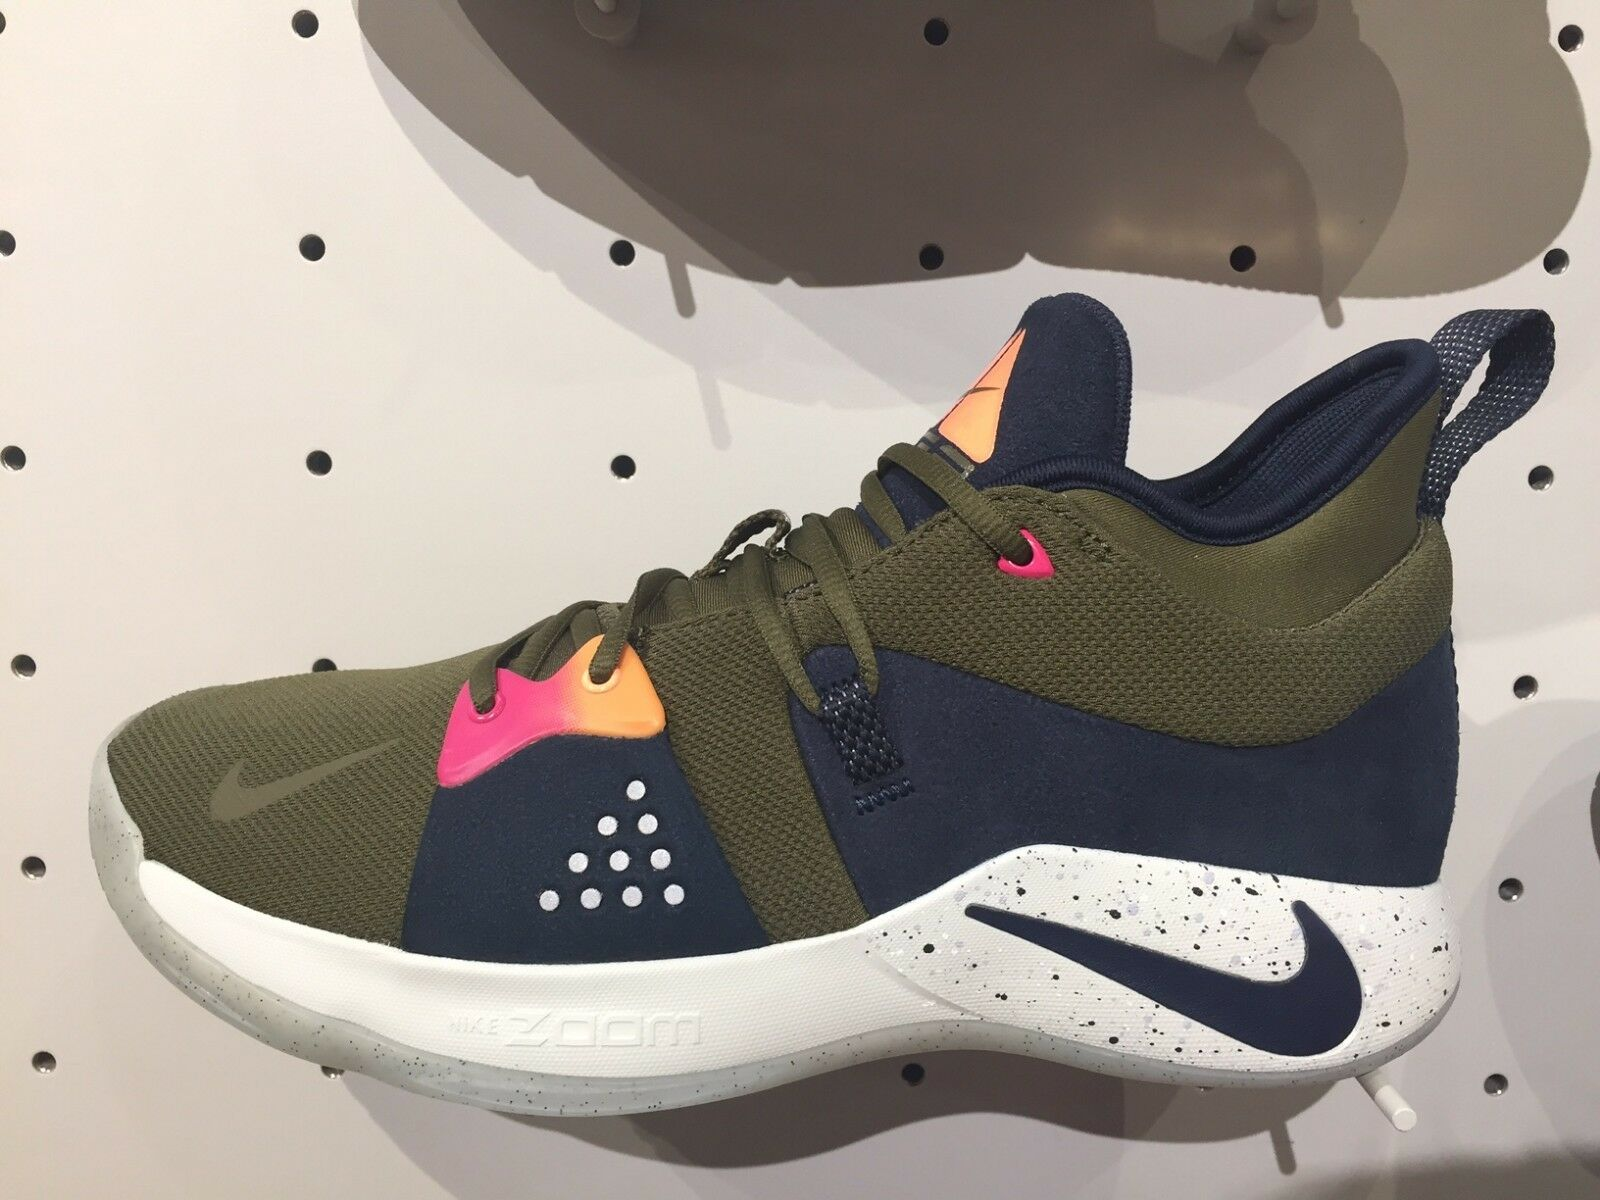 Nike pg 2 ep paul george acg inspiriert olive obsidian sz - 8 - 13 neue ao2984-300 ds